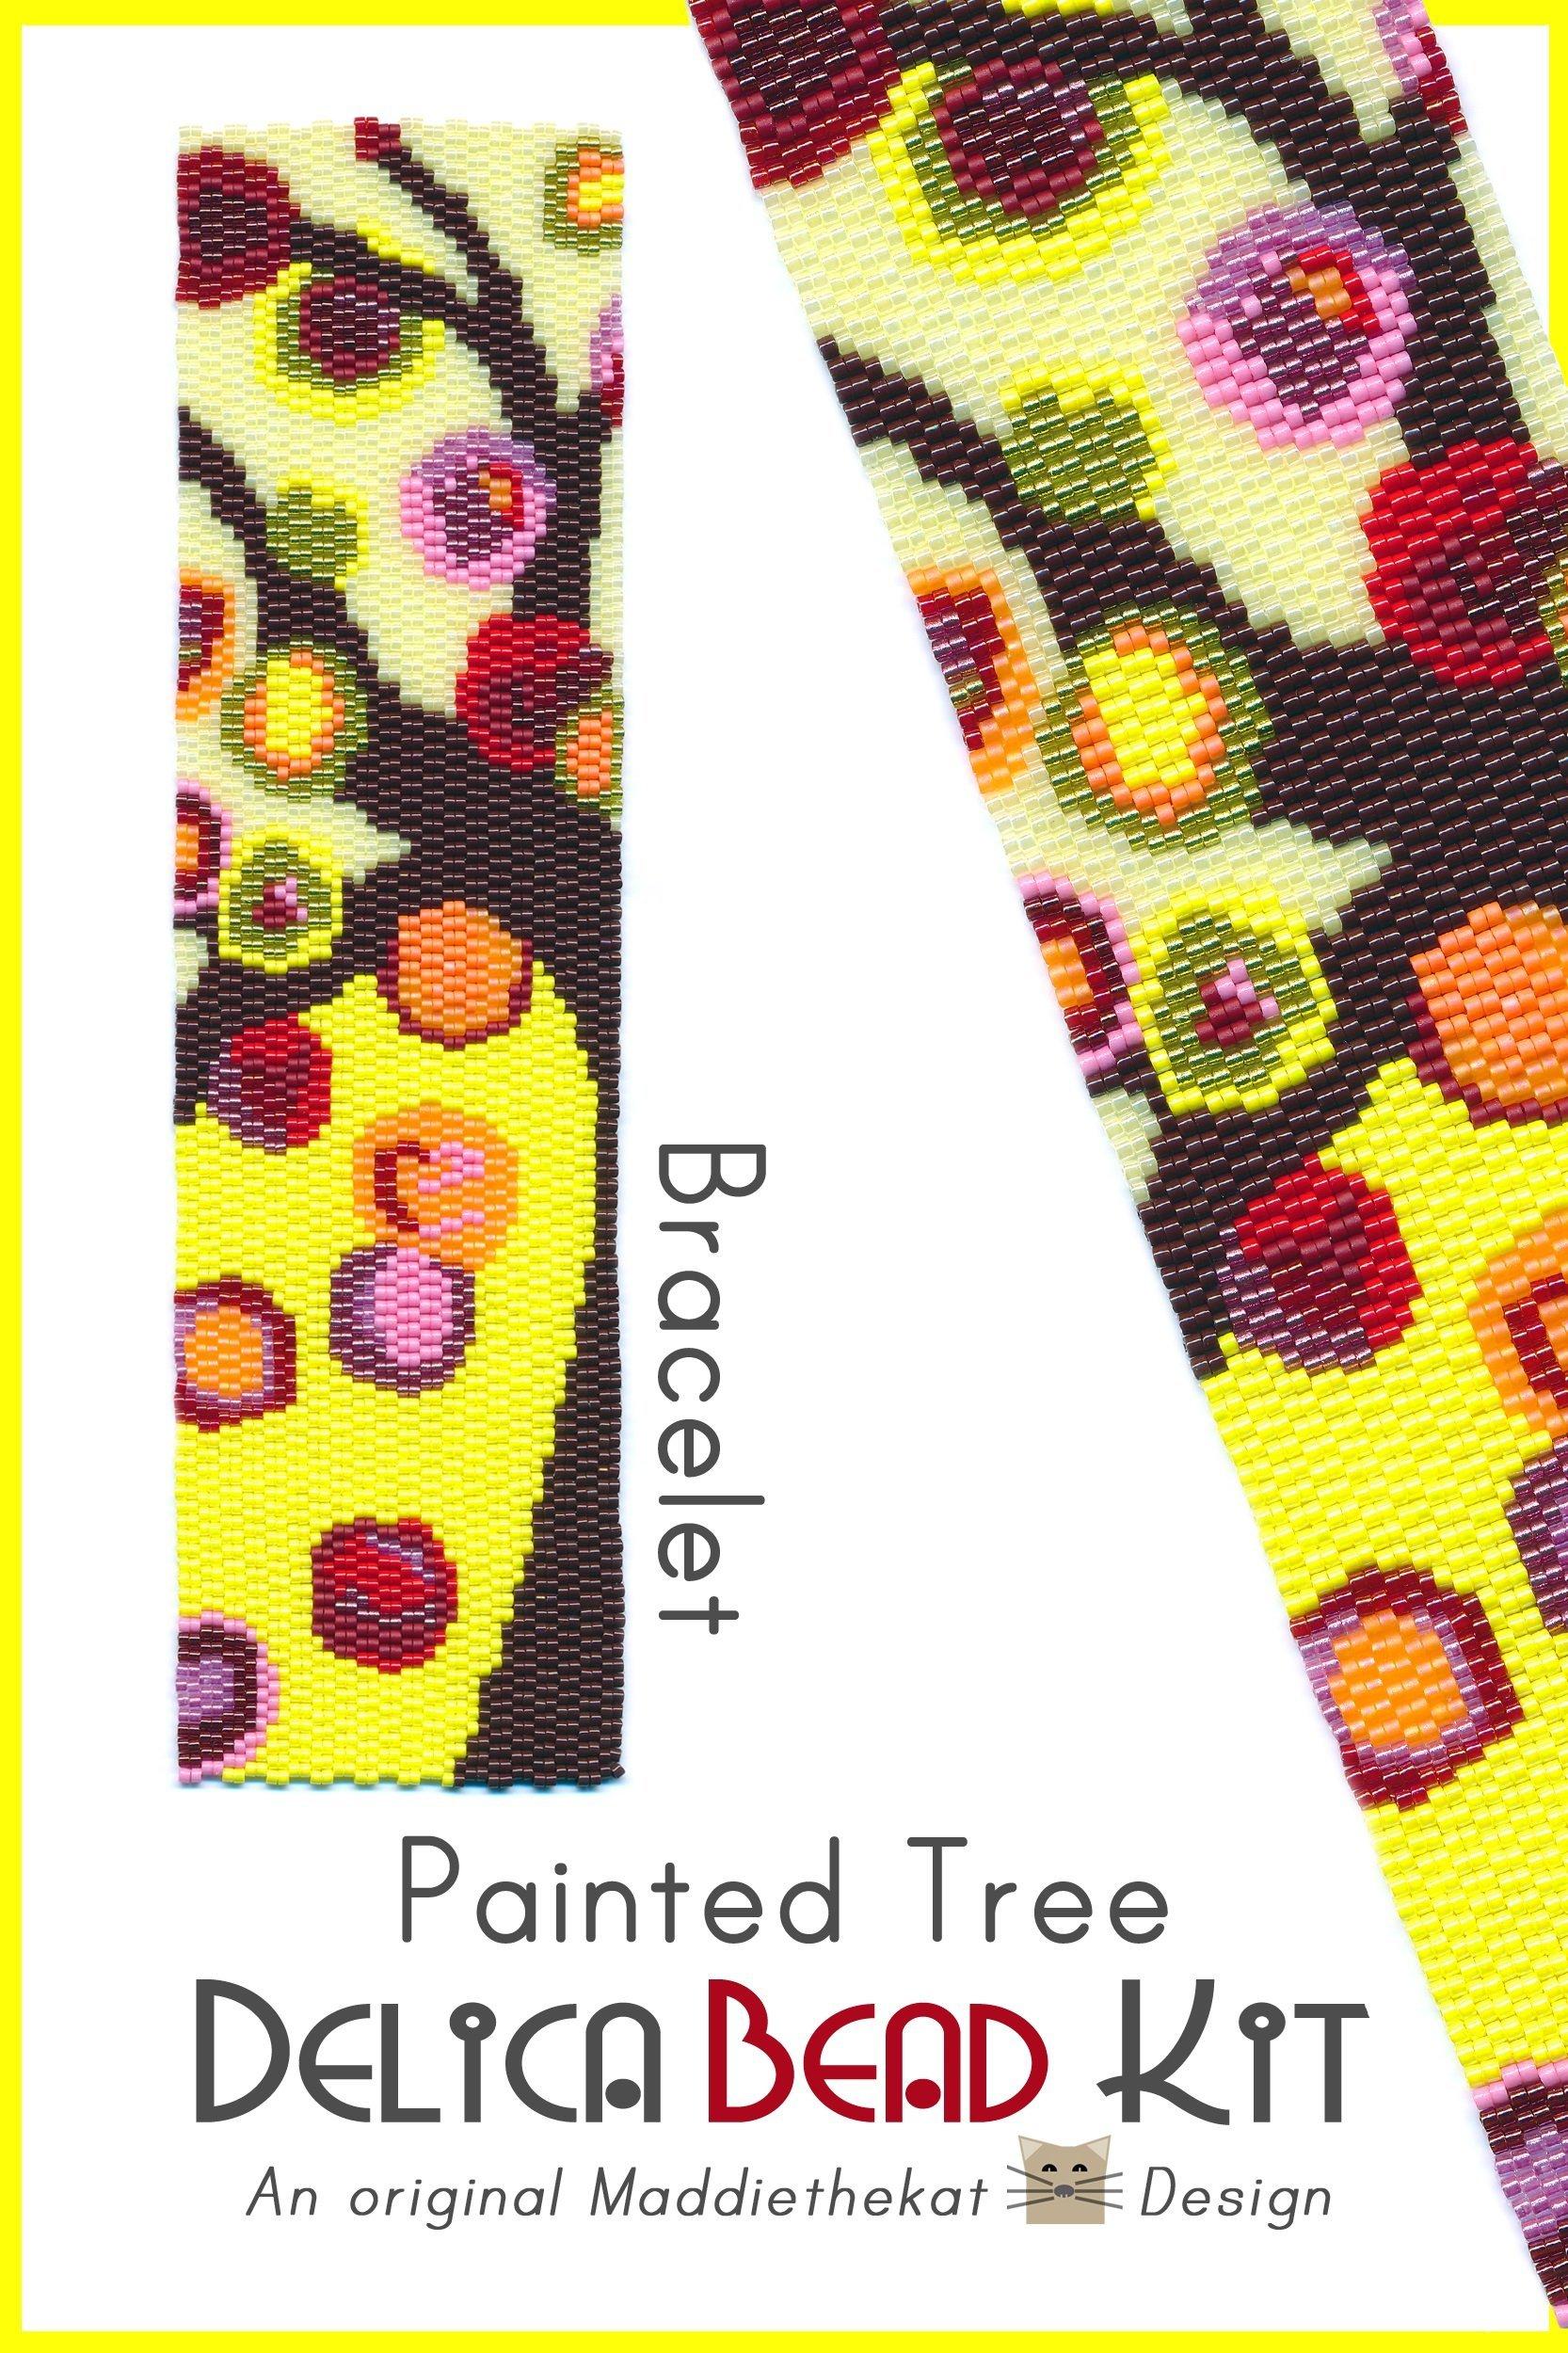 Painted Tree Wide Cuff Bracelet 2-Drop Peyote Bead Pattern or Bead Kit